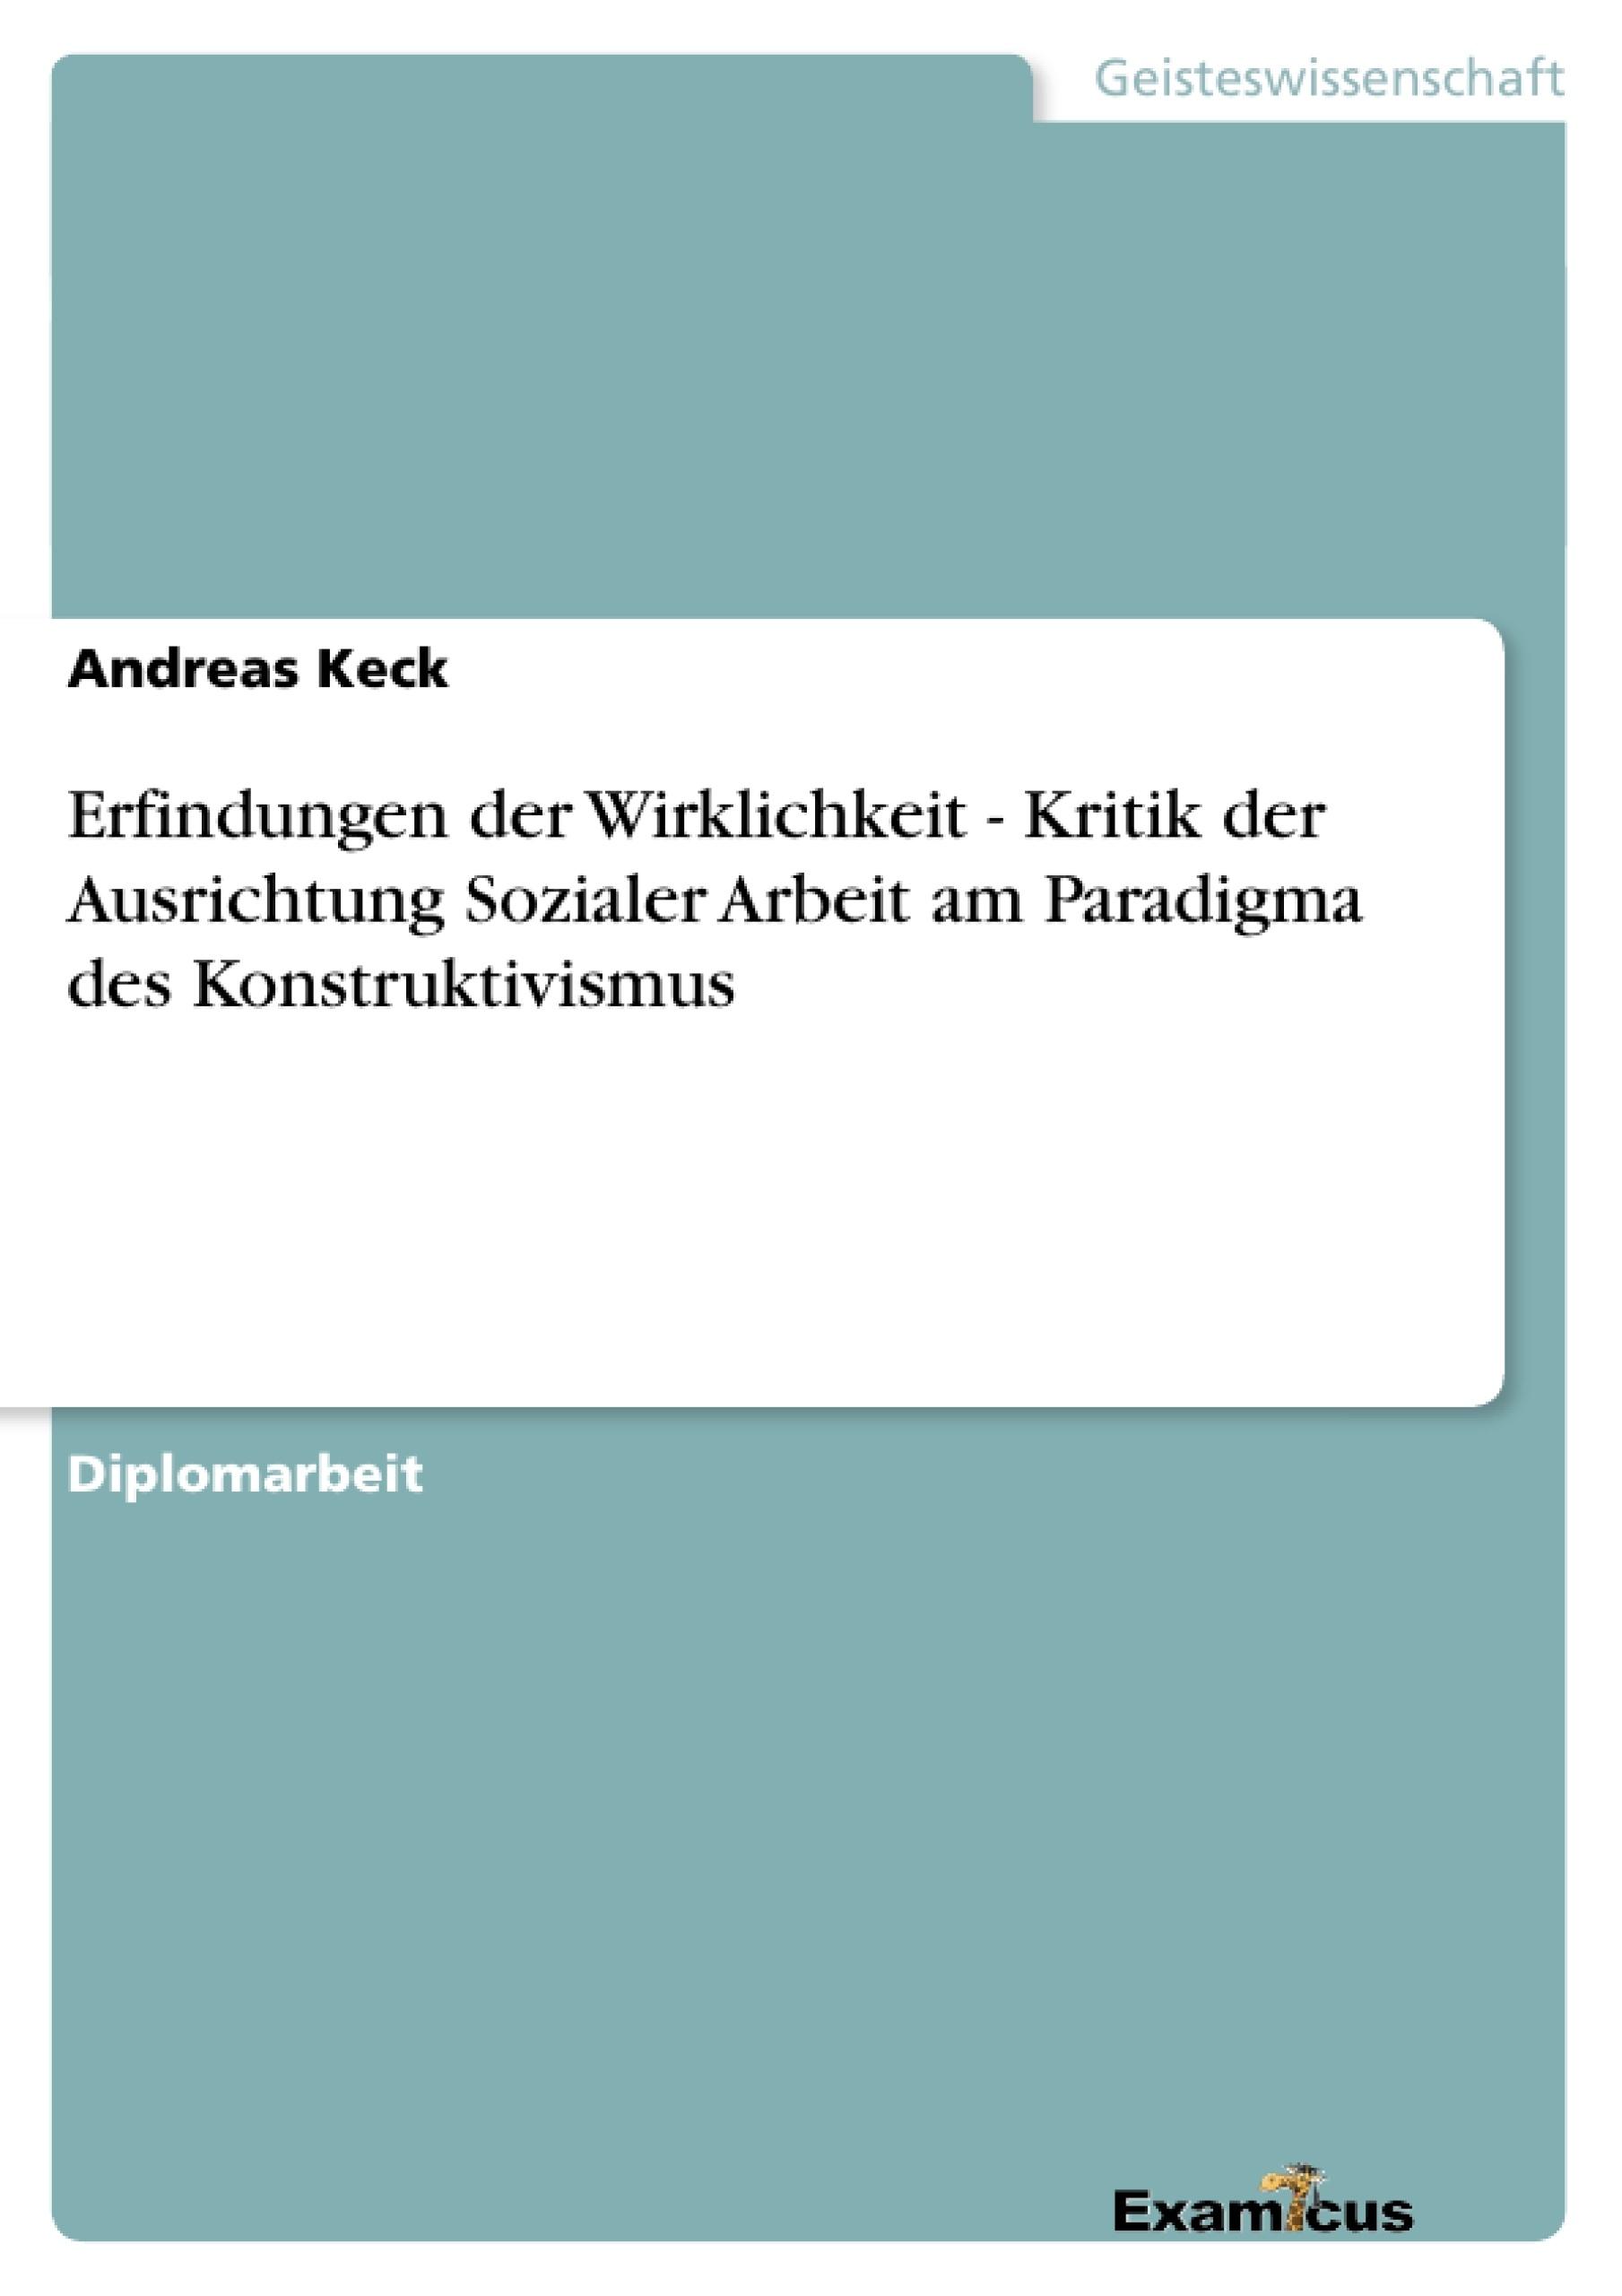 Titel: Erfindungen der Wirklichkeit - Kritik der Ausrichtung Sozialer Arbeit am Paradigma des Konstruktivismus